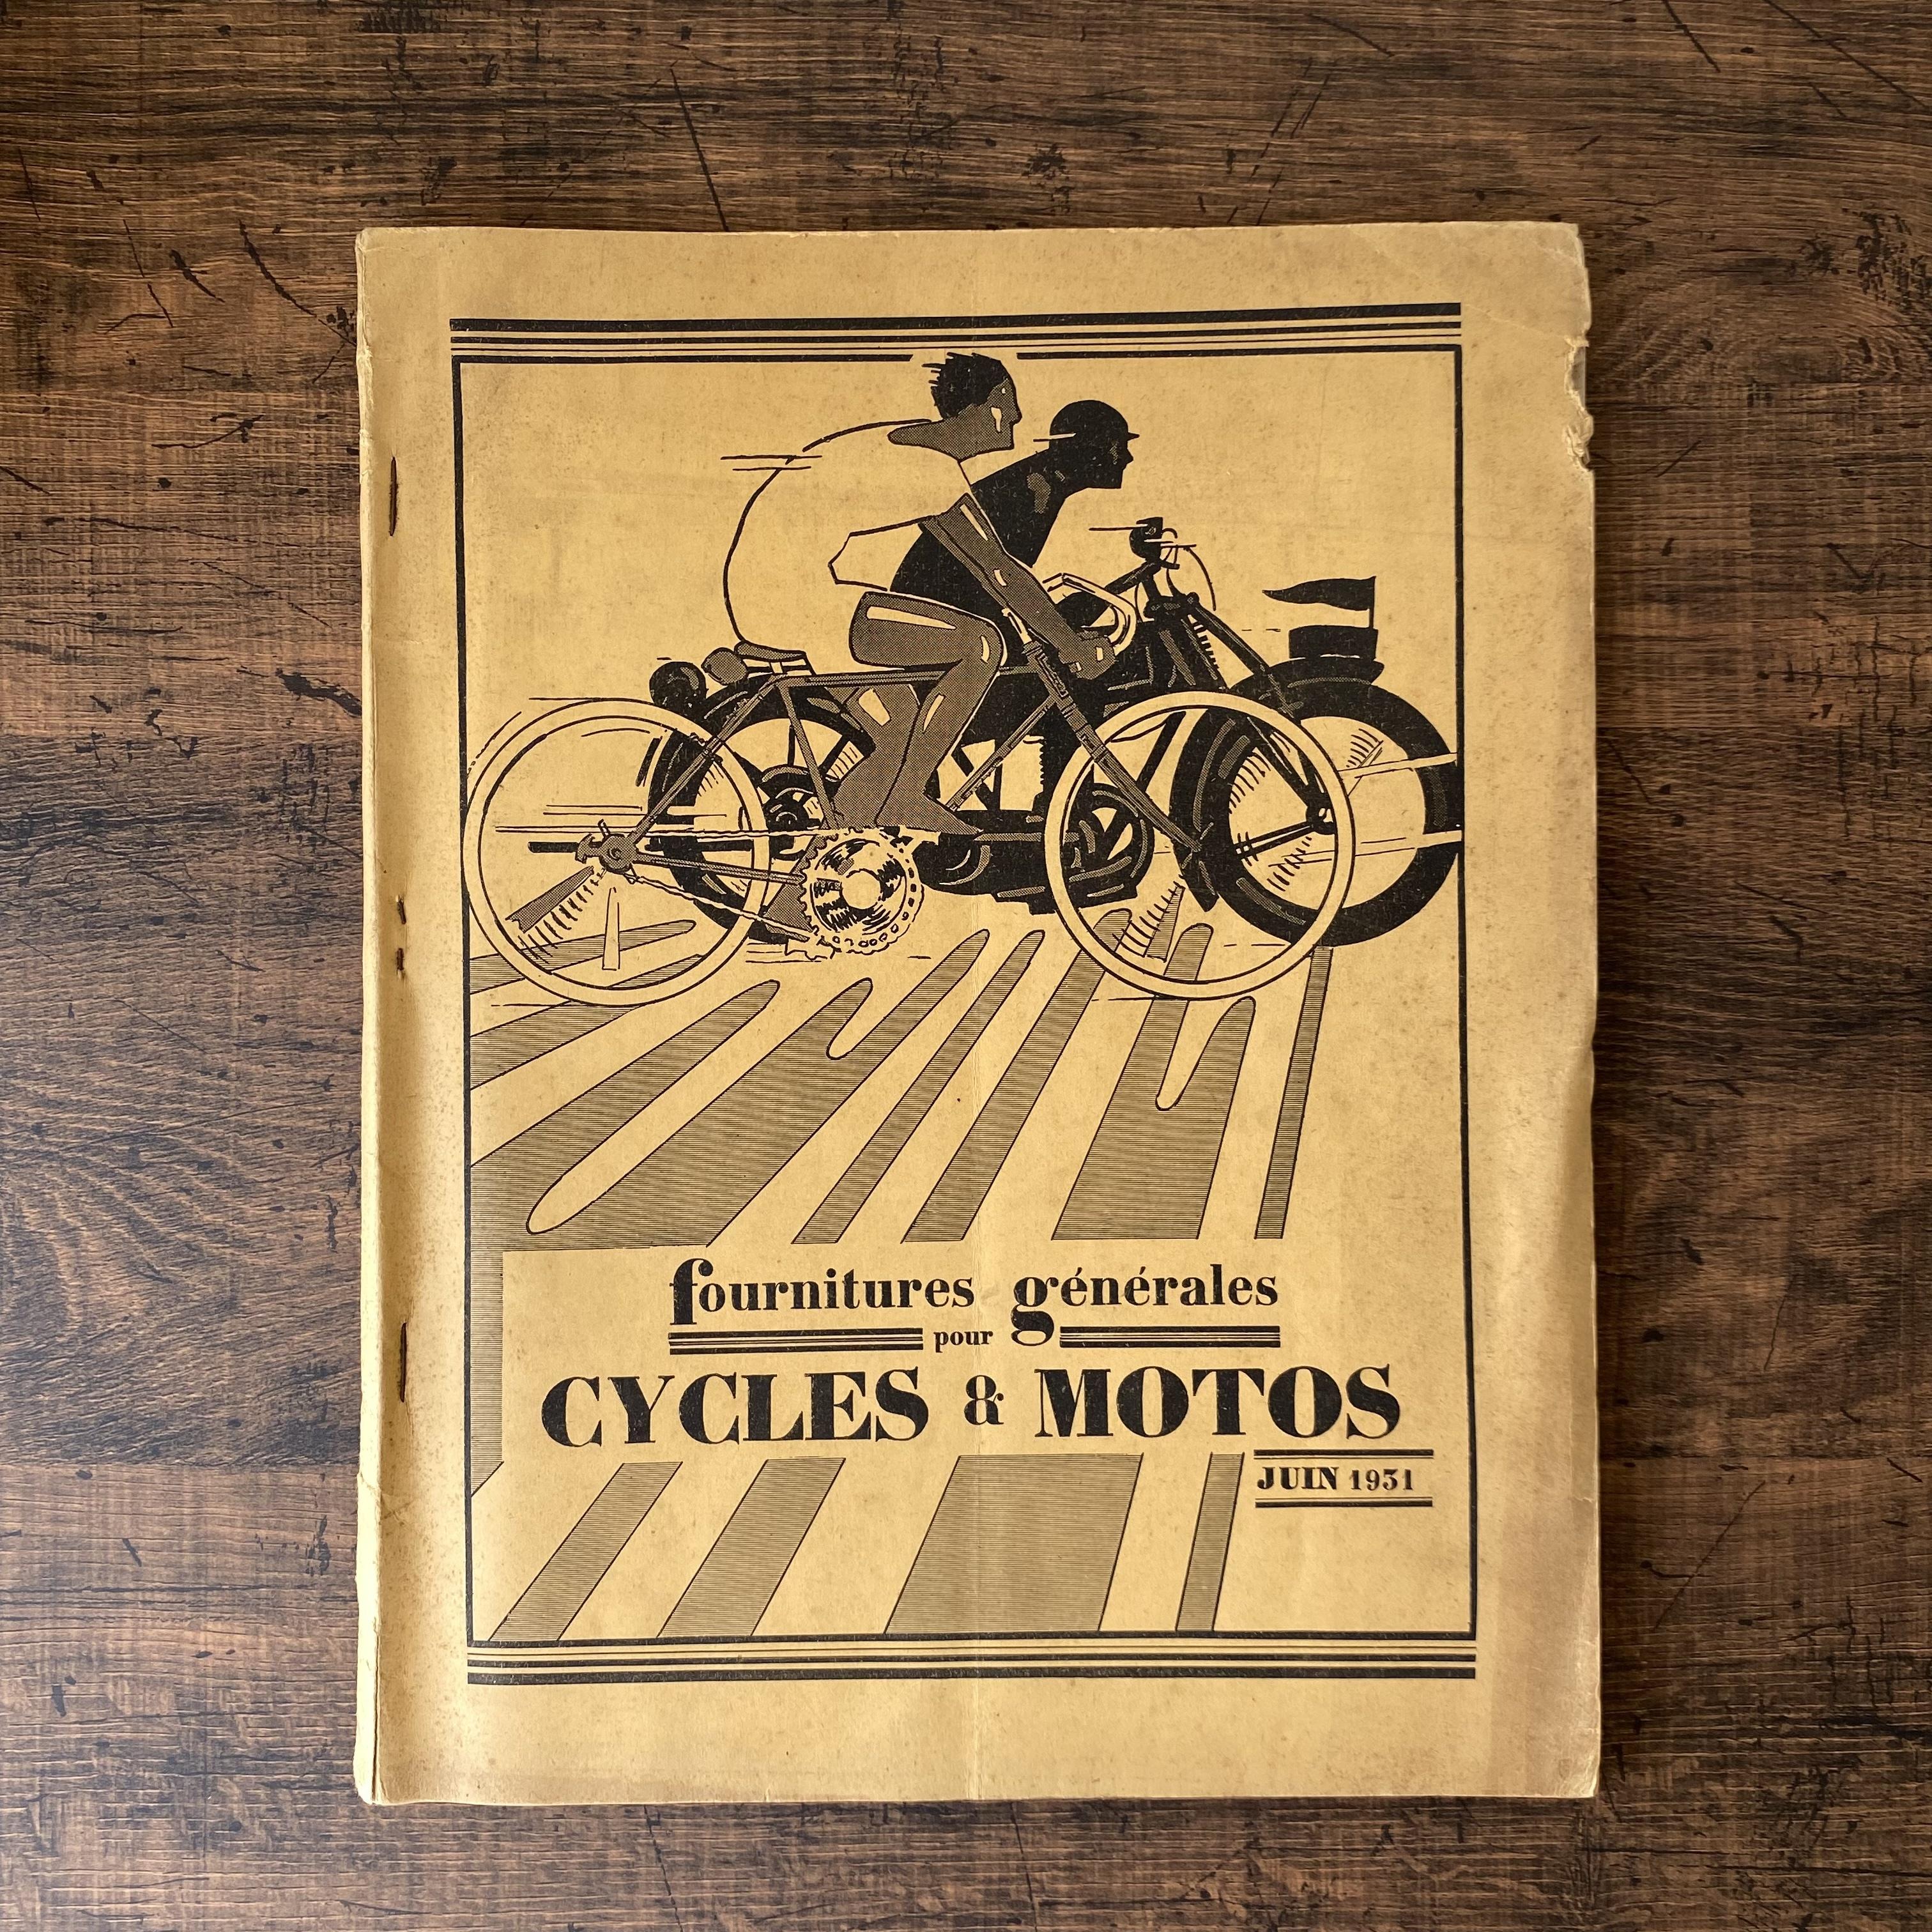 Favor 自転車・バイクのパーツカタログ・フランスアンティーク / vp0244